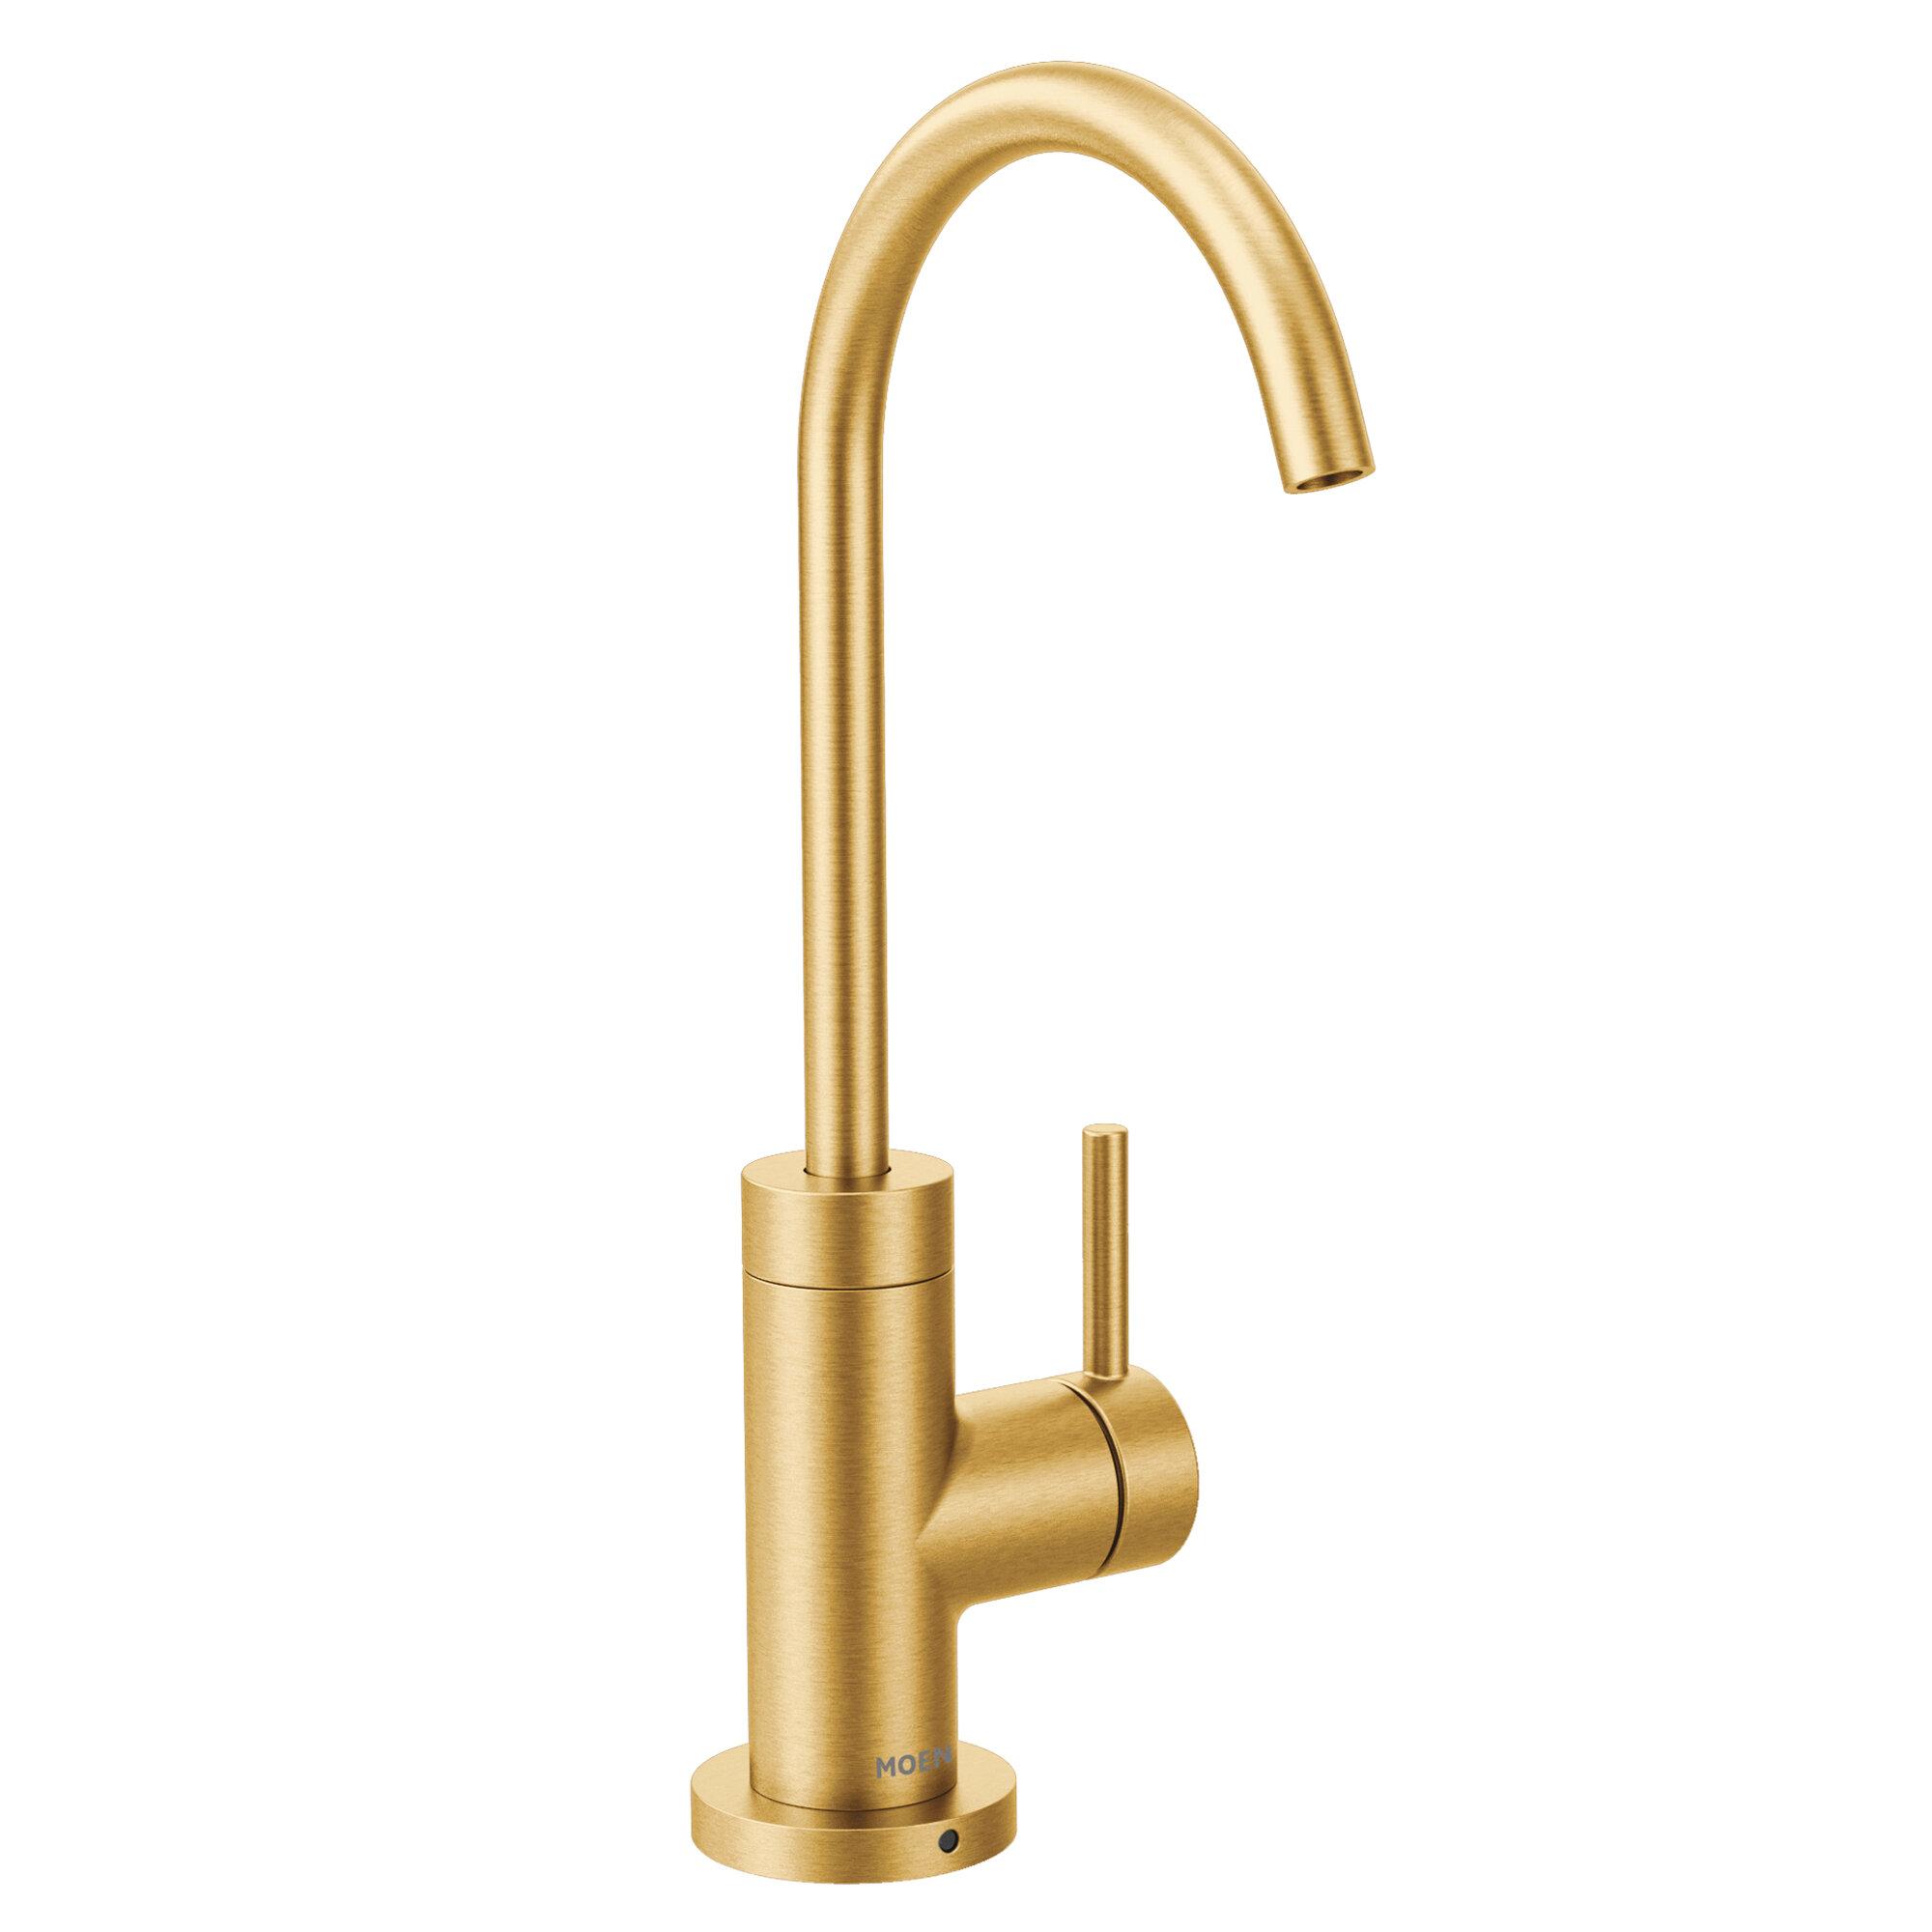 Sip Single Handle Kitchen Faucet